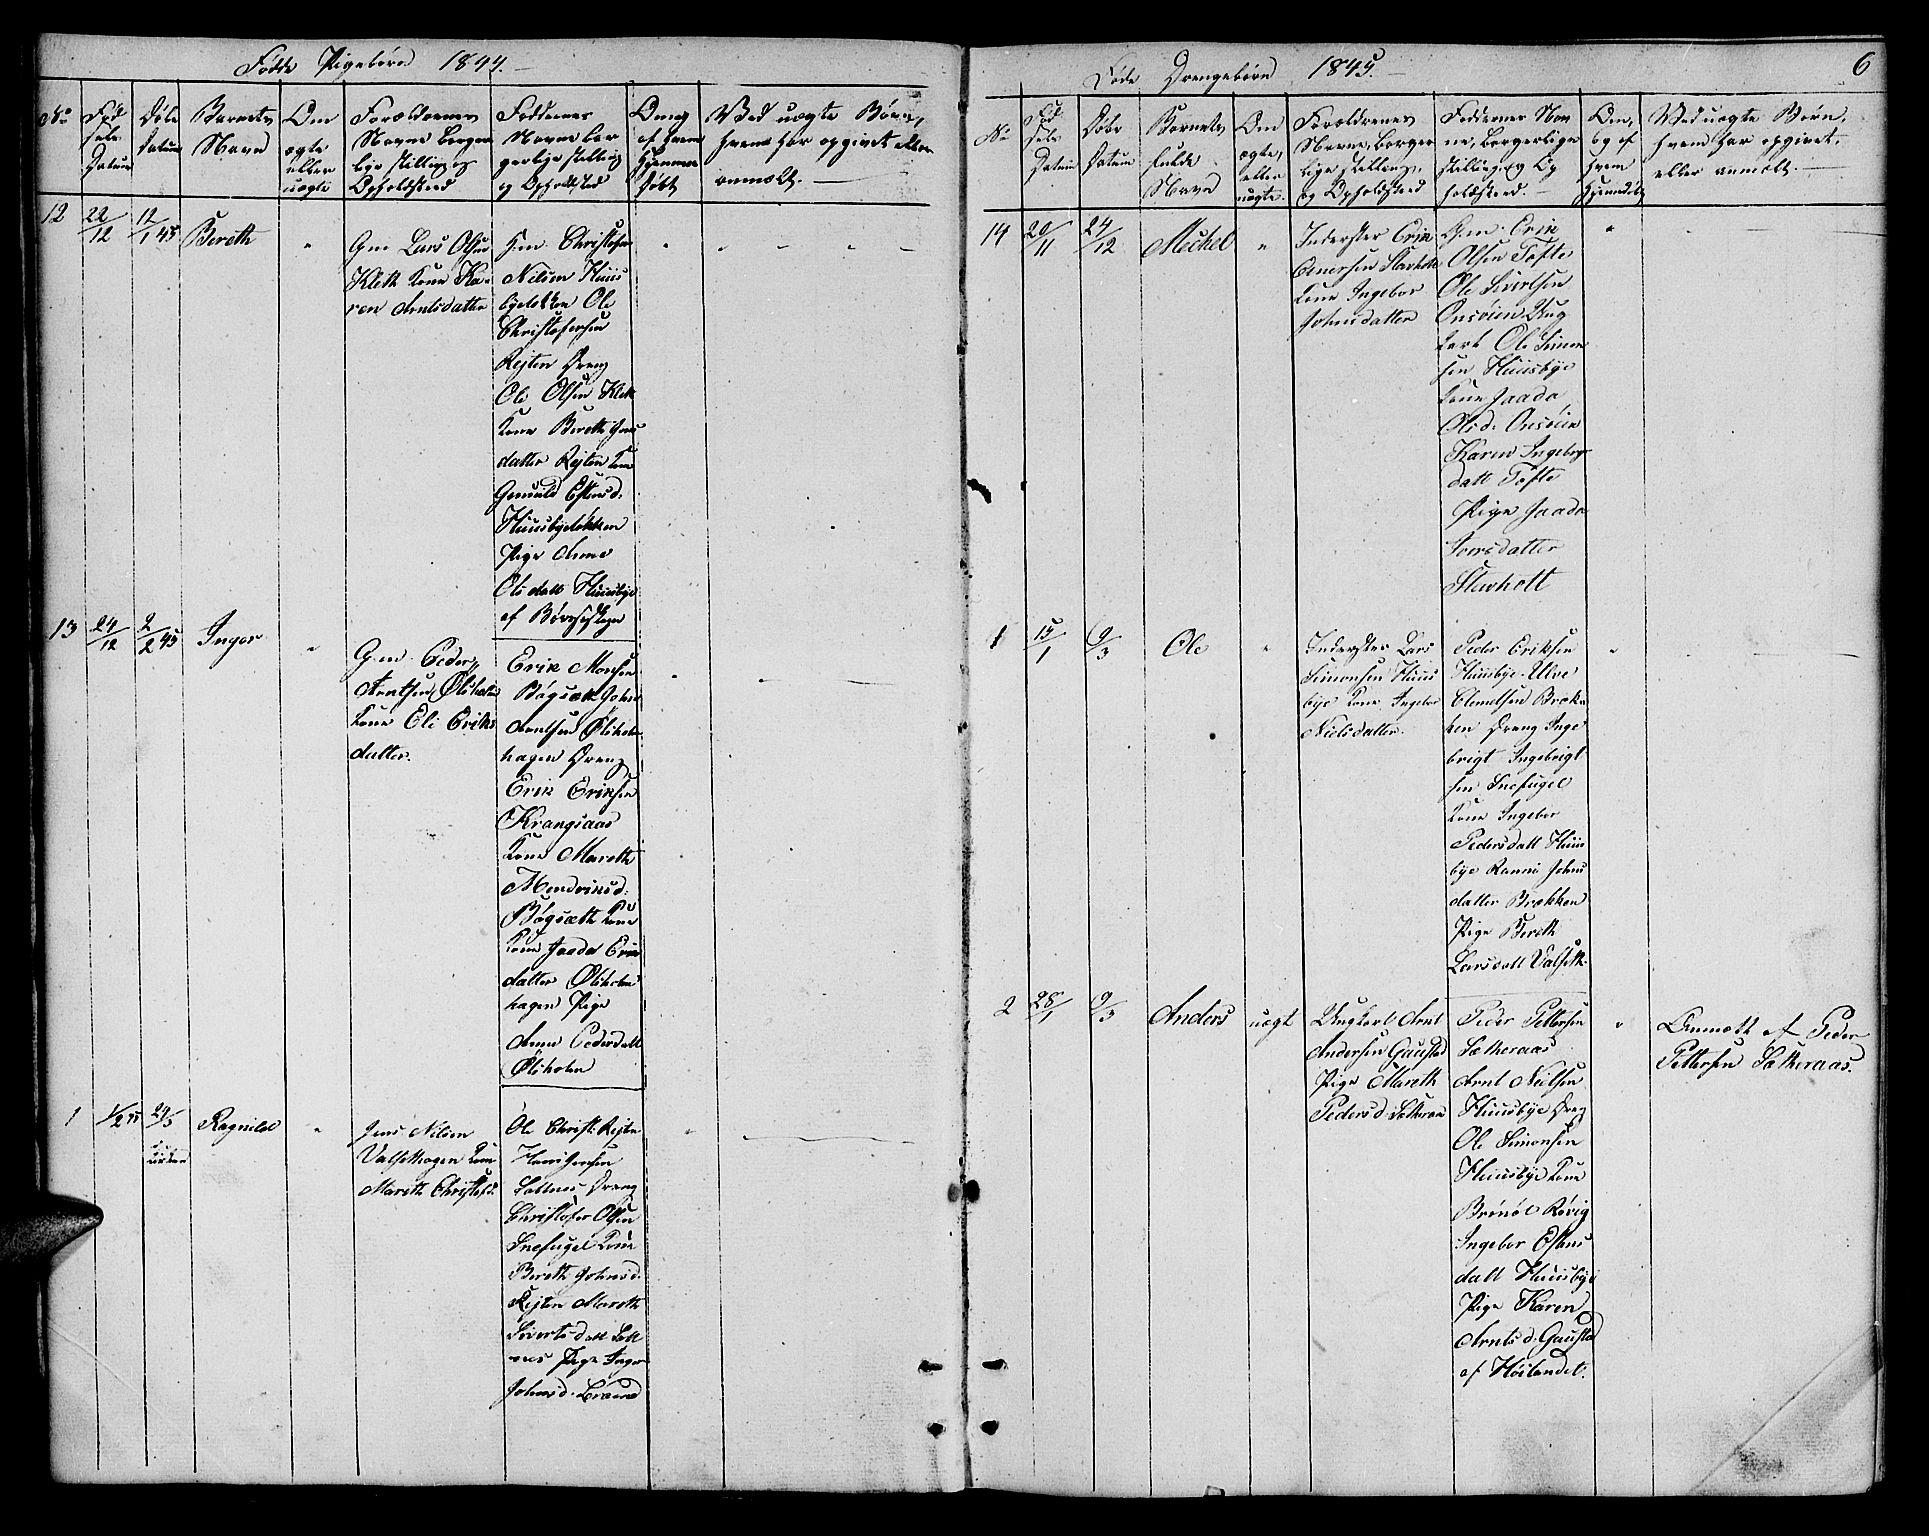 SAT, Ministerialprotokoller, klokkerbøker og fødselsregistre - Sør-Trøndelag, 666/L0789: Klokkerbok nr. 666C02, 1843-1847, s. 6